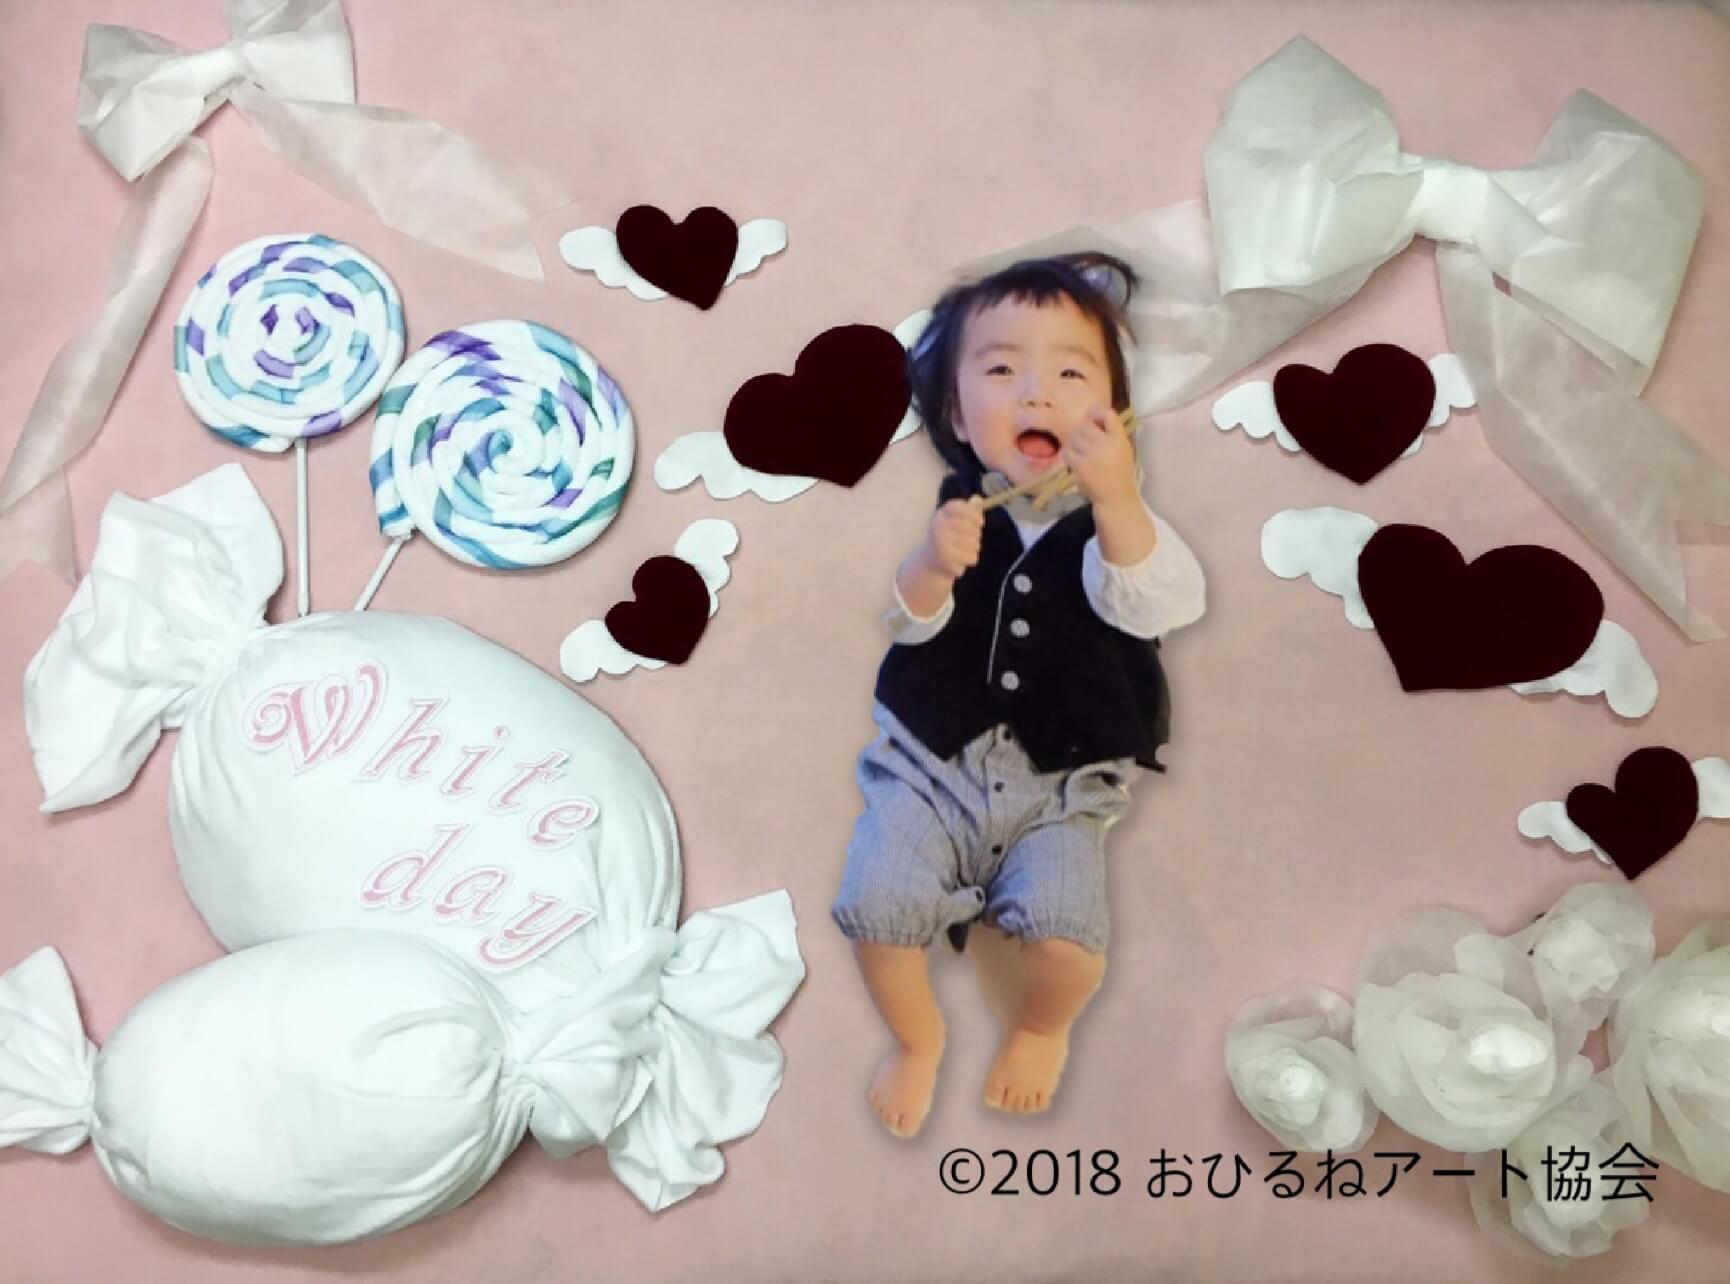 ホワイトデー おひるねアート キャンディー ハート 僕のおひるねアート